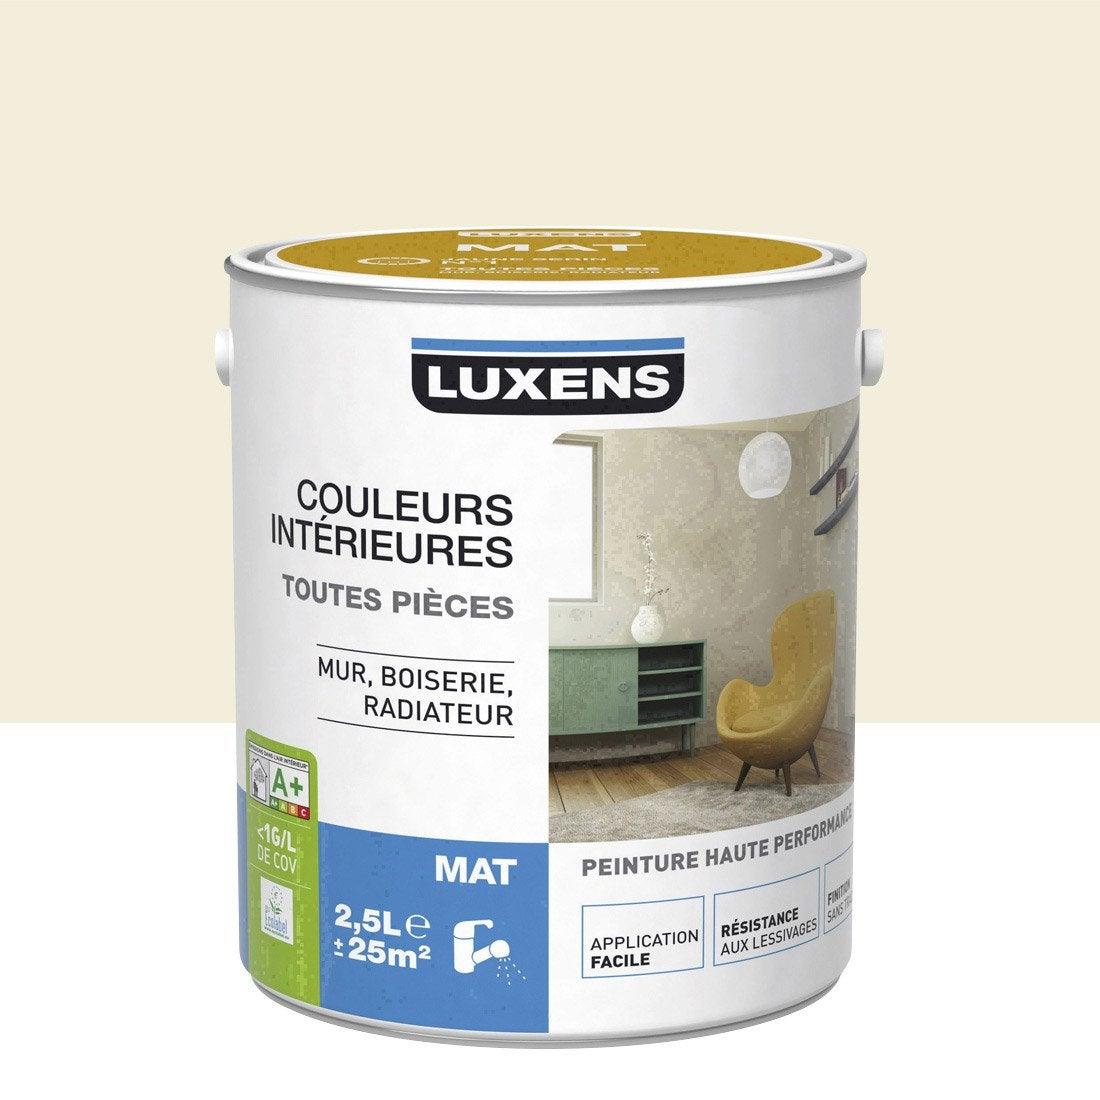 Peinture blanc ivoire 3 luxens couleurs int rieures mat 2 5 l leroy merlin - Peinture craie leroy merlin ...